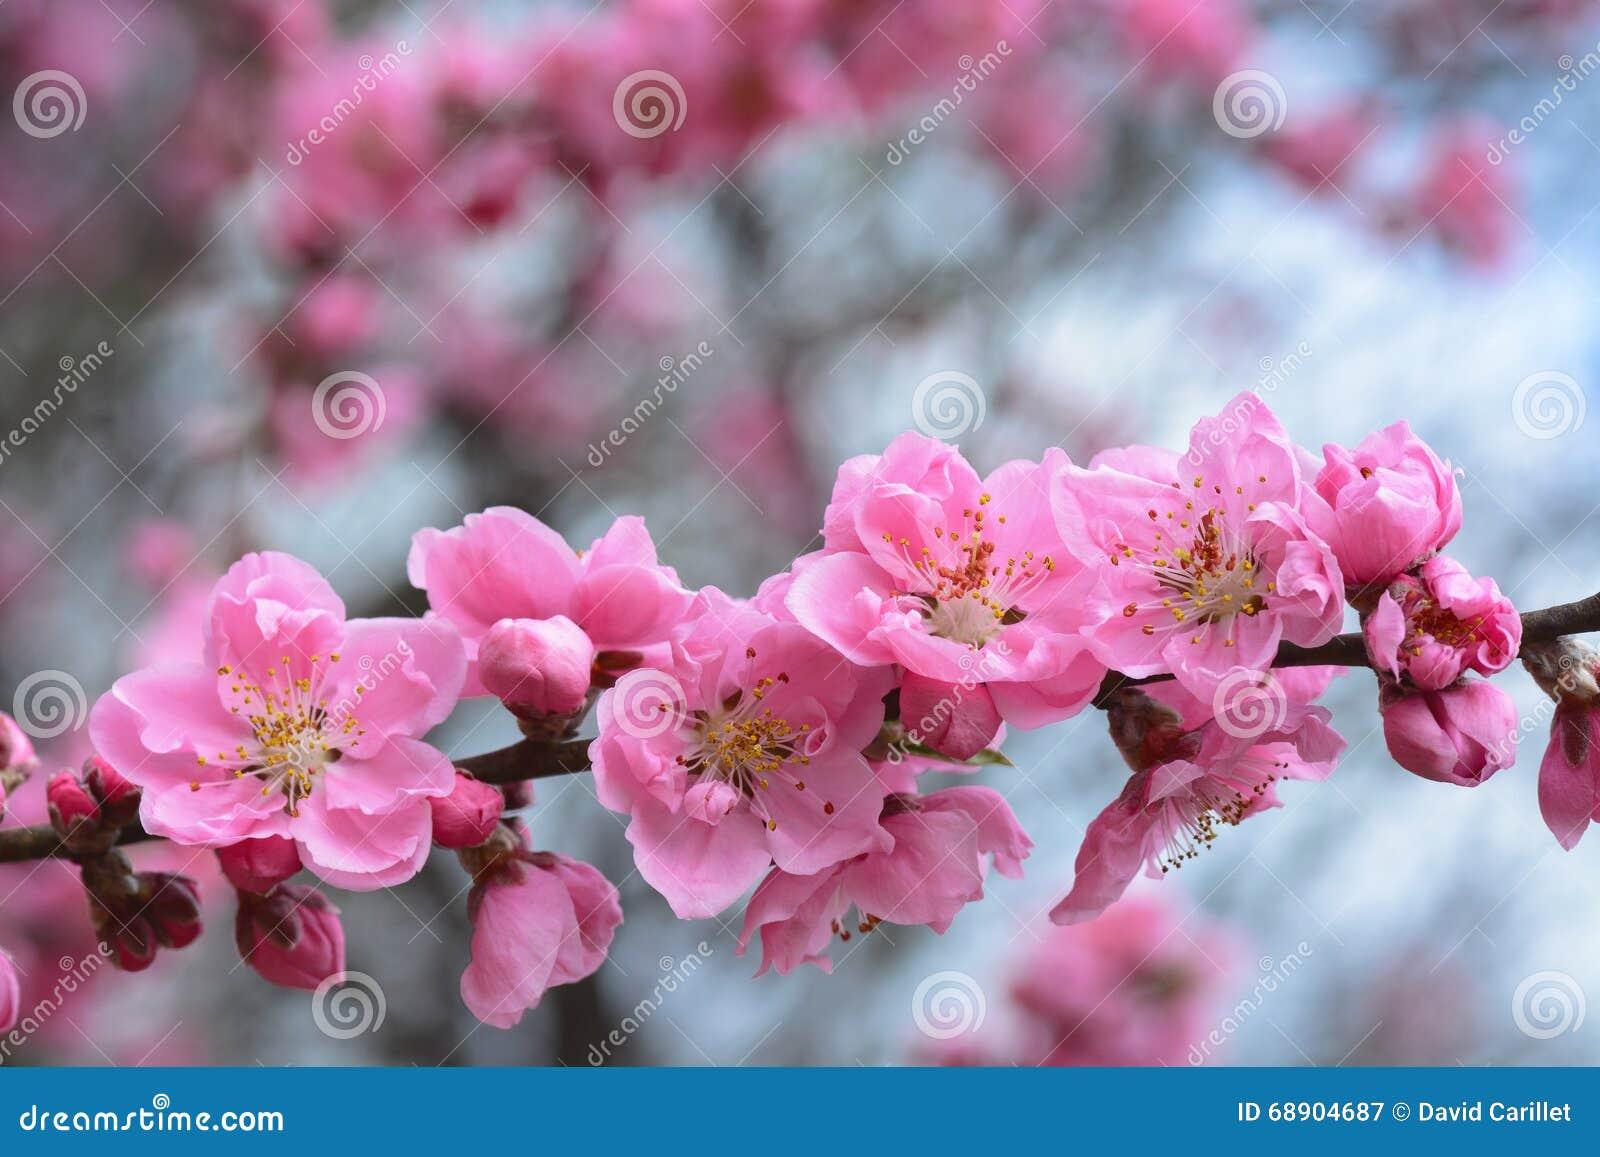 la fleur rose de p che fleurit sur un arbre au japon pendant le printemps 2016 photo stock. Black Bedroom Furniture Sets. Home Design Ideas